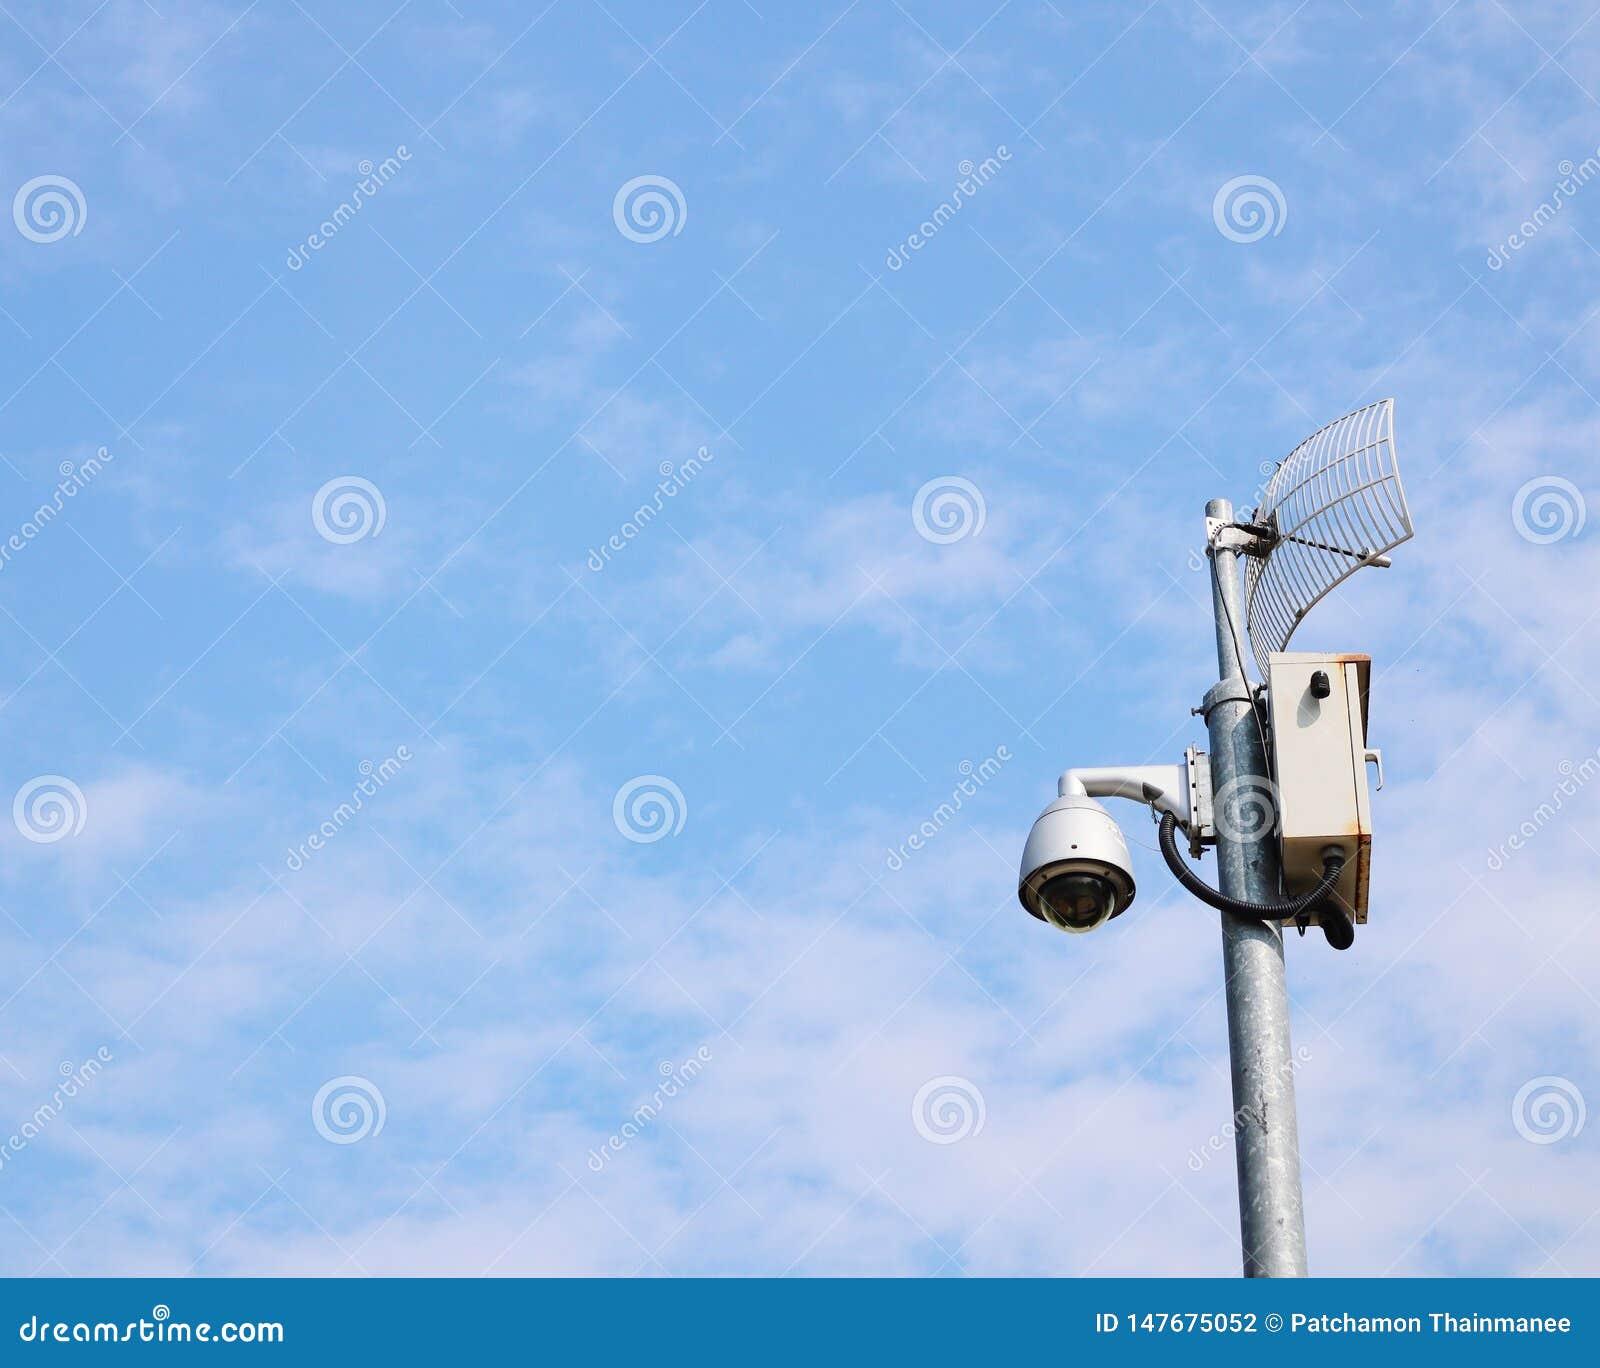 Κάμερα CCTV, σύστημα ασφαλείας, τεχνολογία που τοποθετείται στο υπόβαθρο ουρανού θέσεων χάλυβα